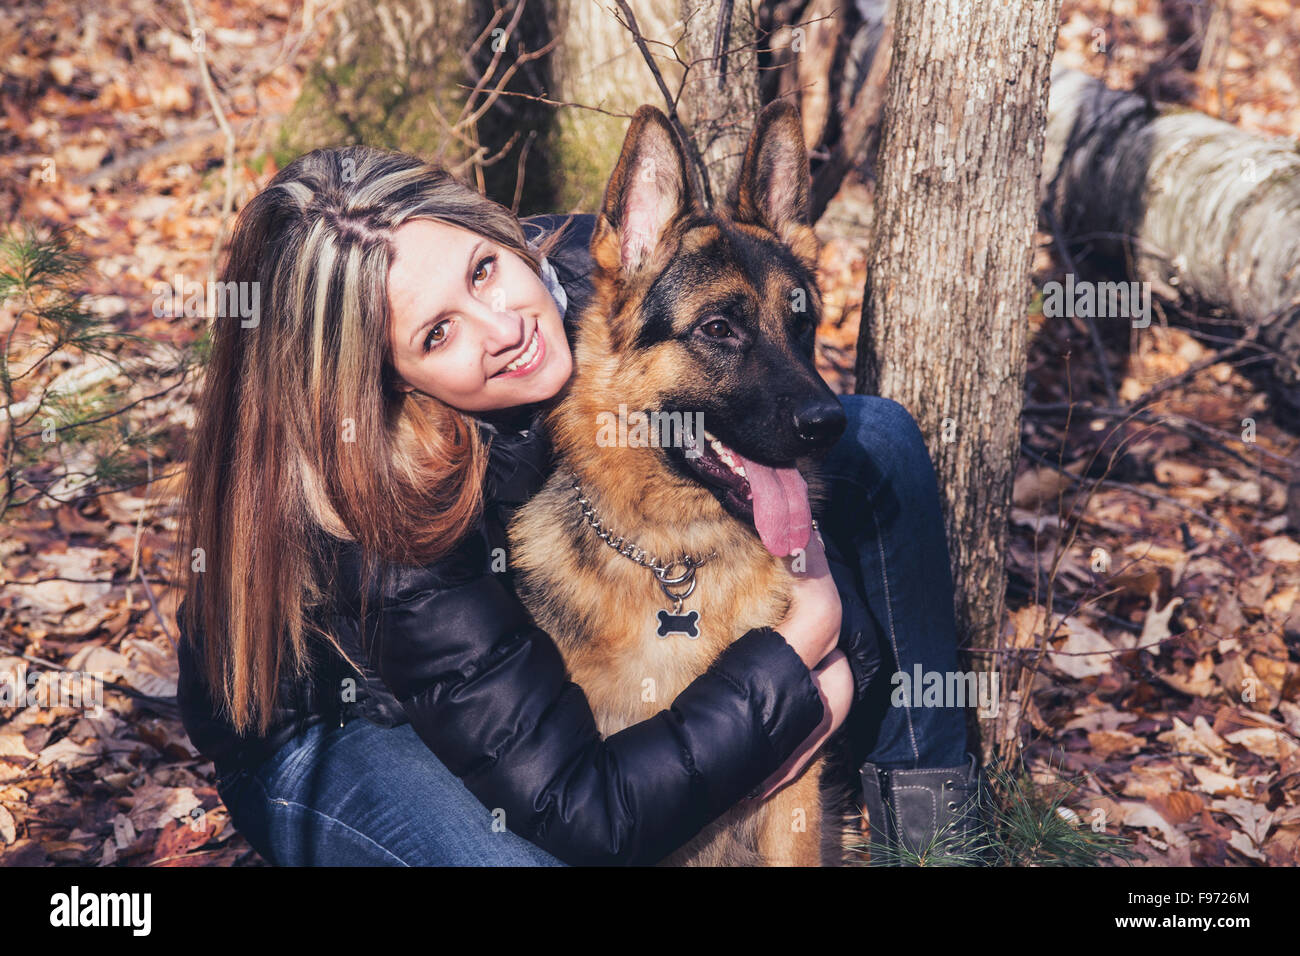 Giovane donna sorridente con un pastore tedesco cane outdoor nella foresta Immagini Stock